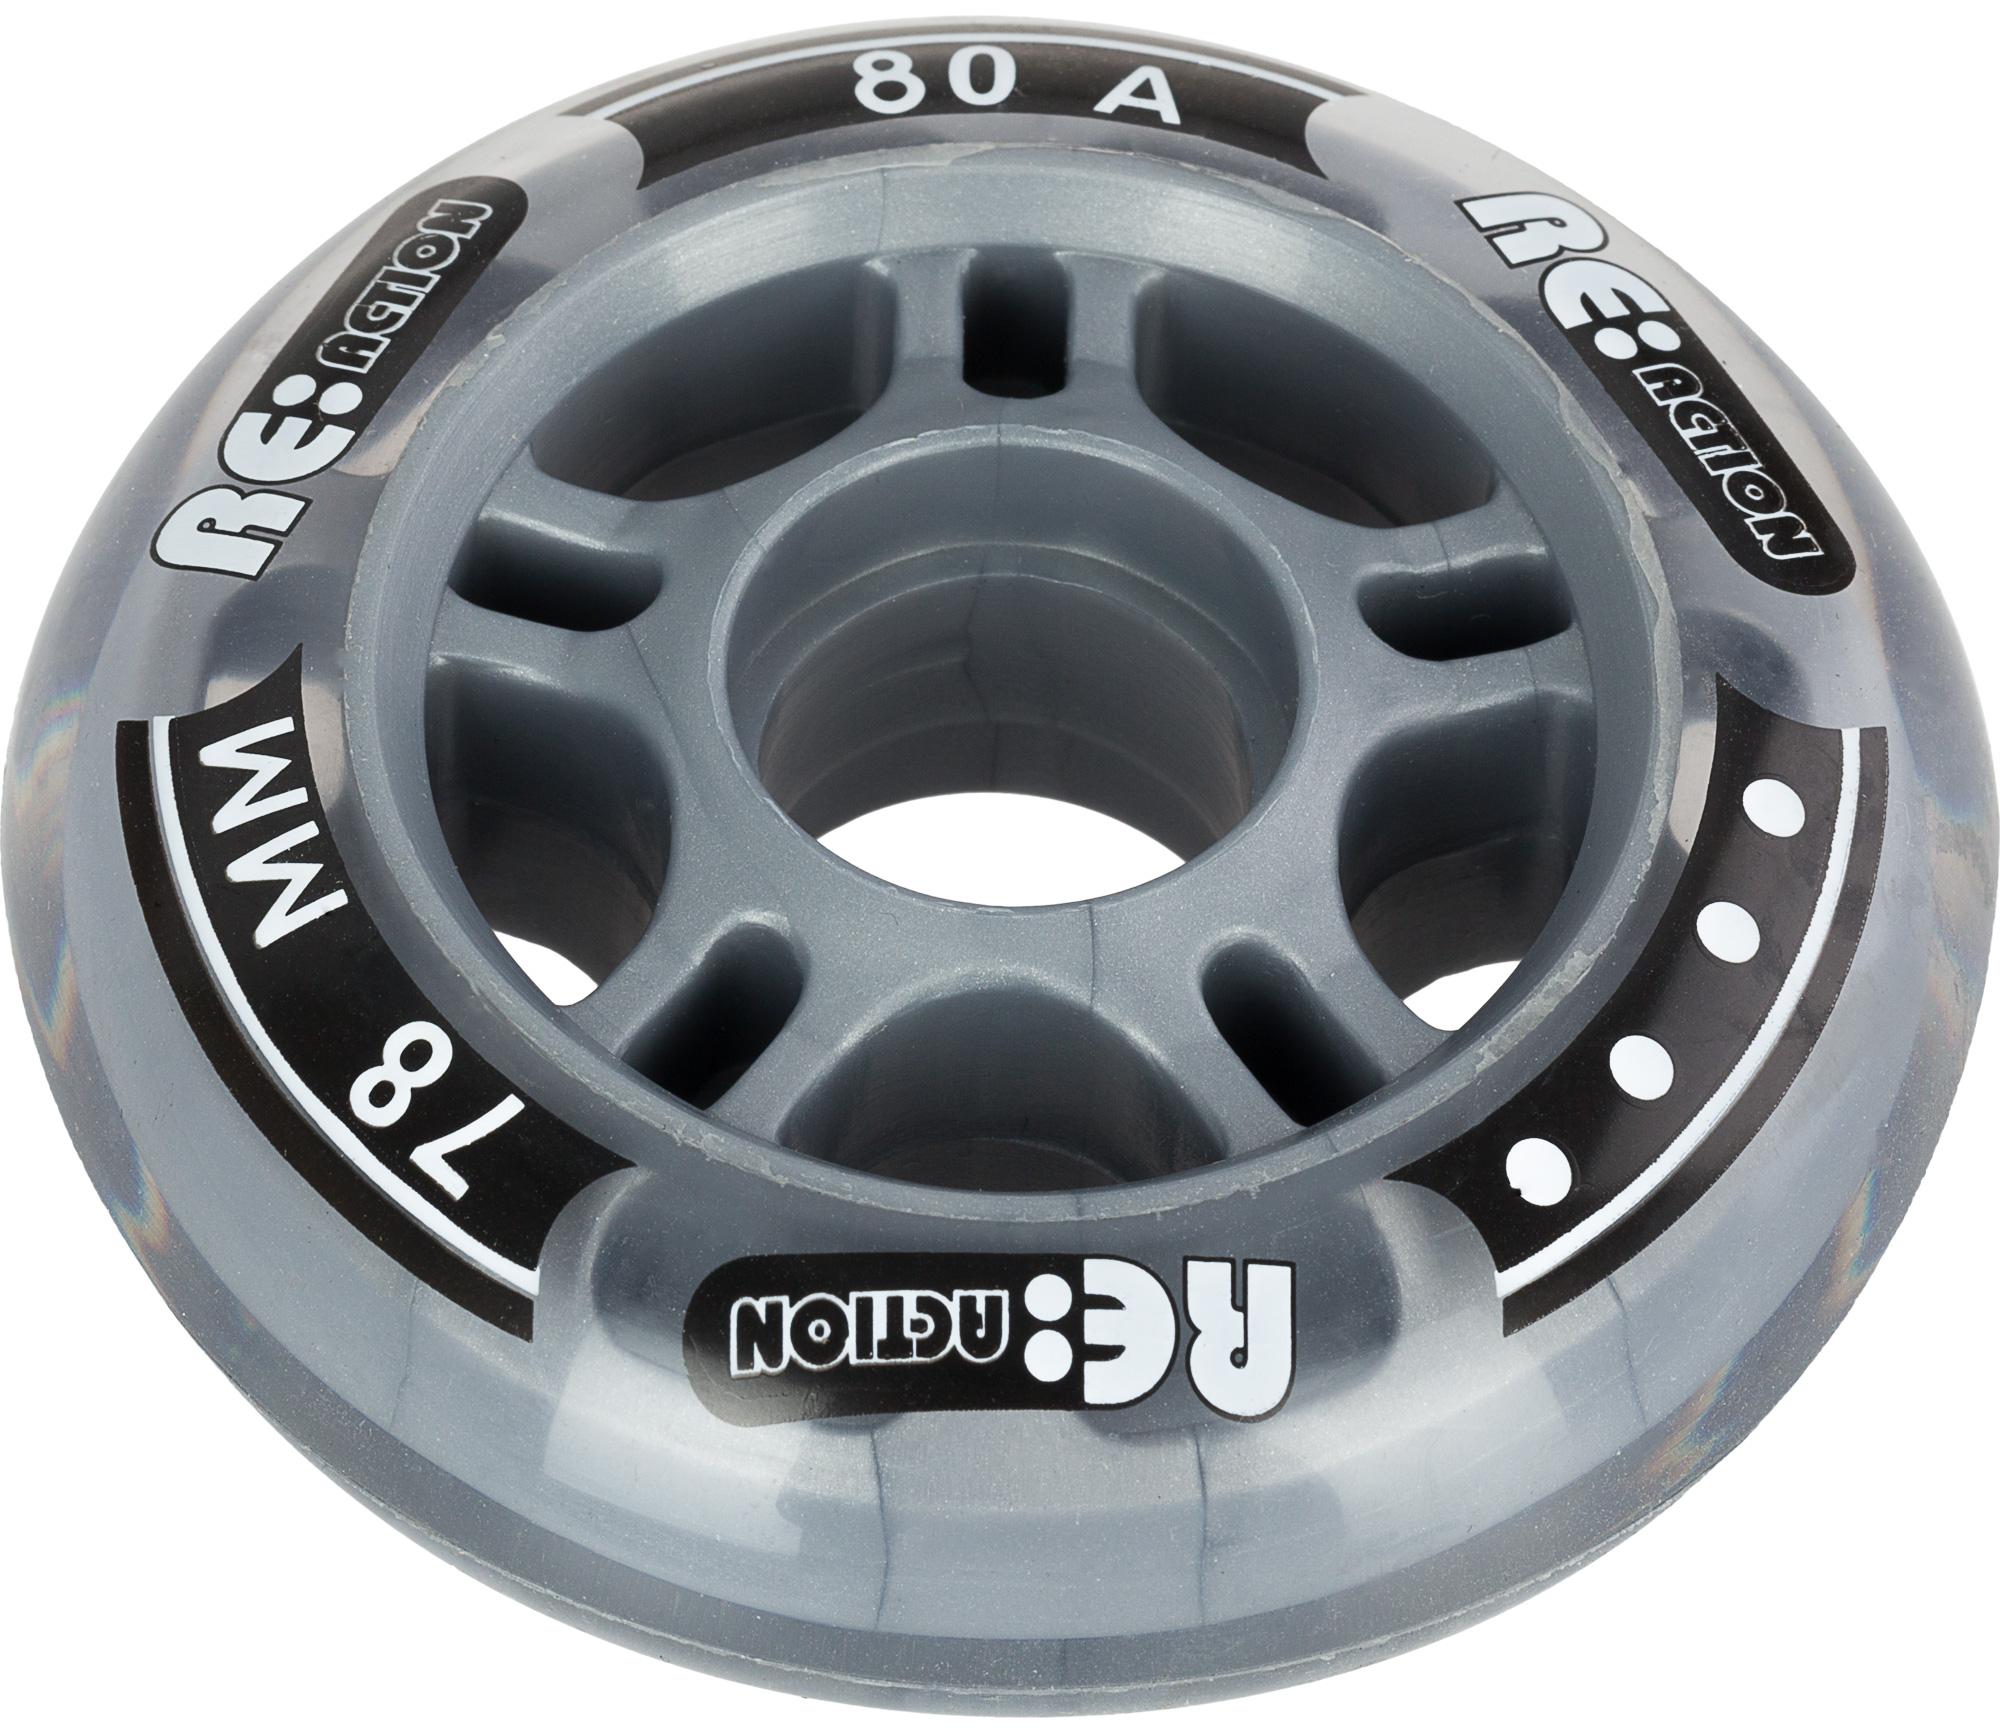 Reaction Набор колес для роликов REACTION 78 мм, 80А, 4 шт